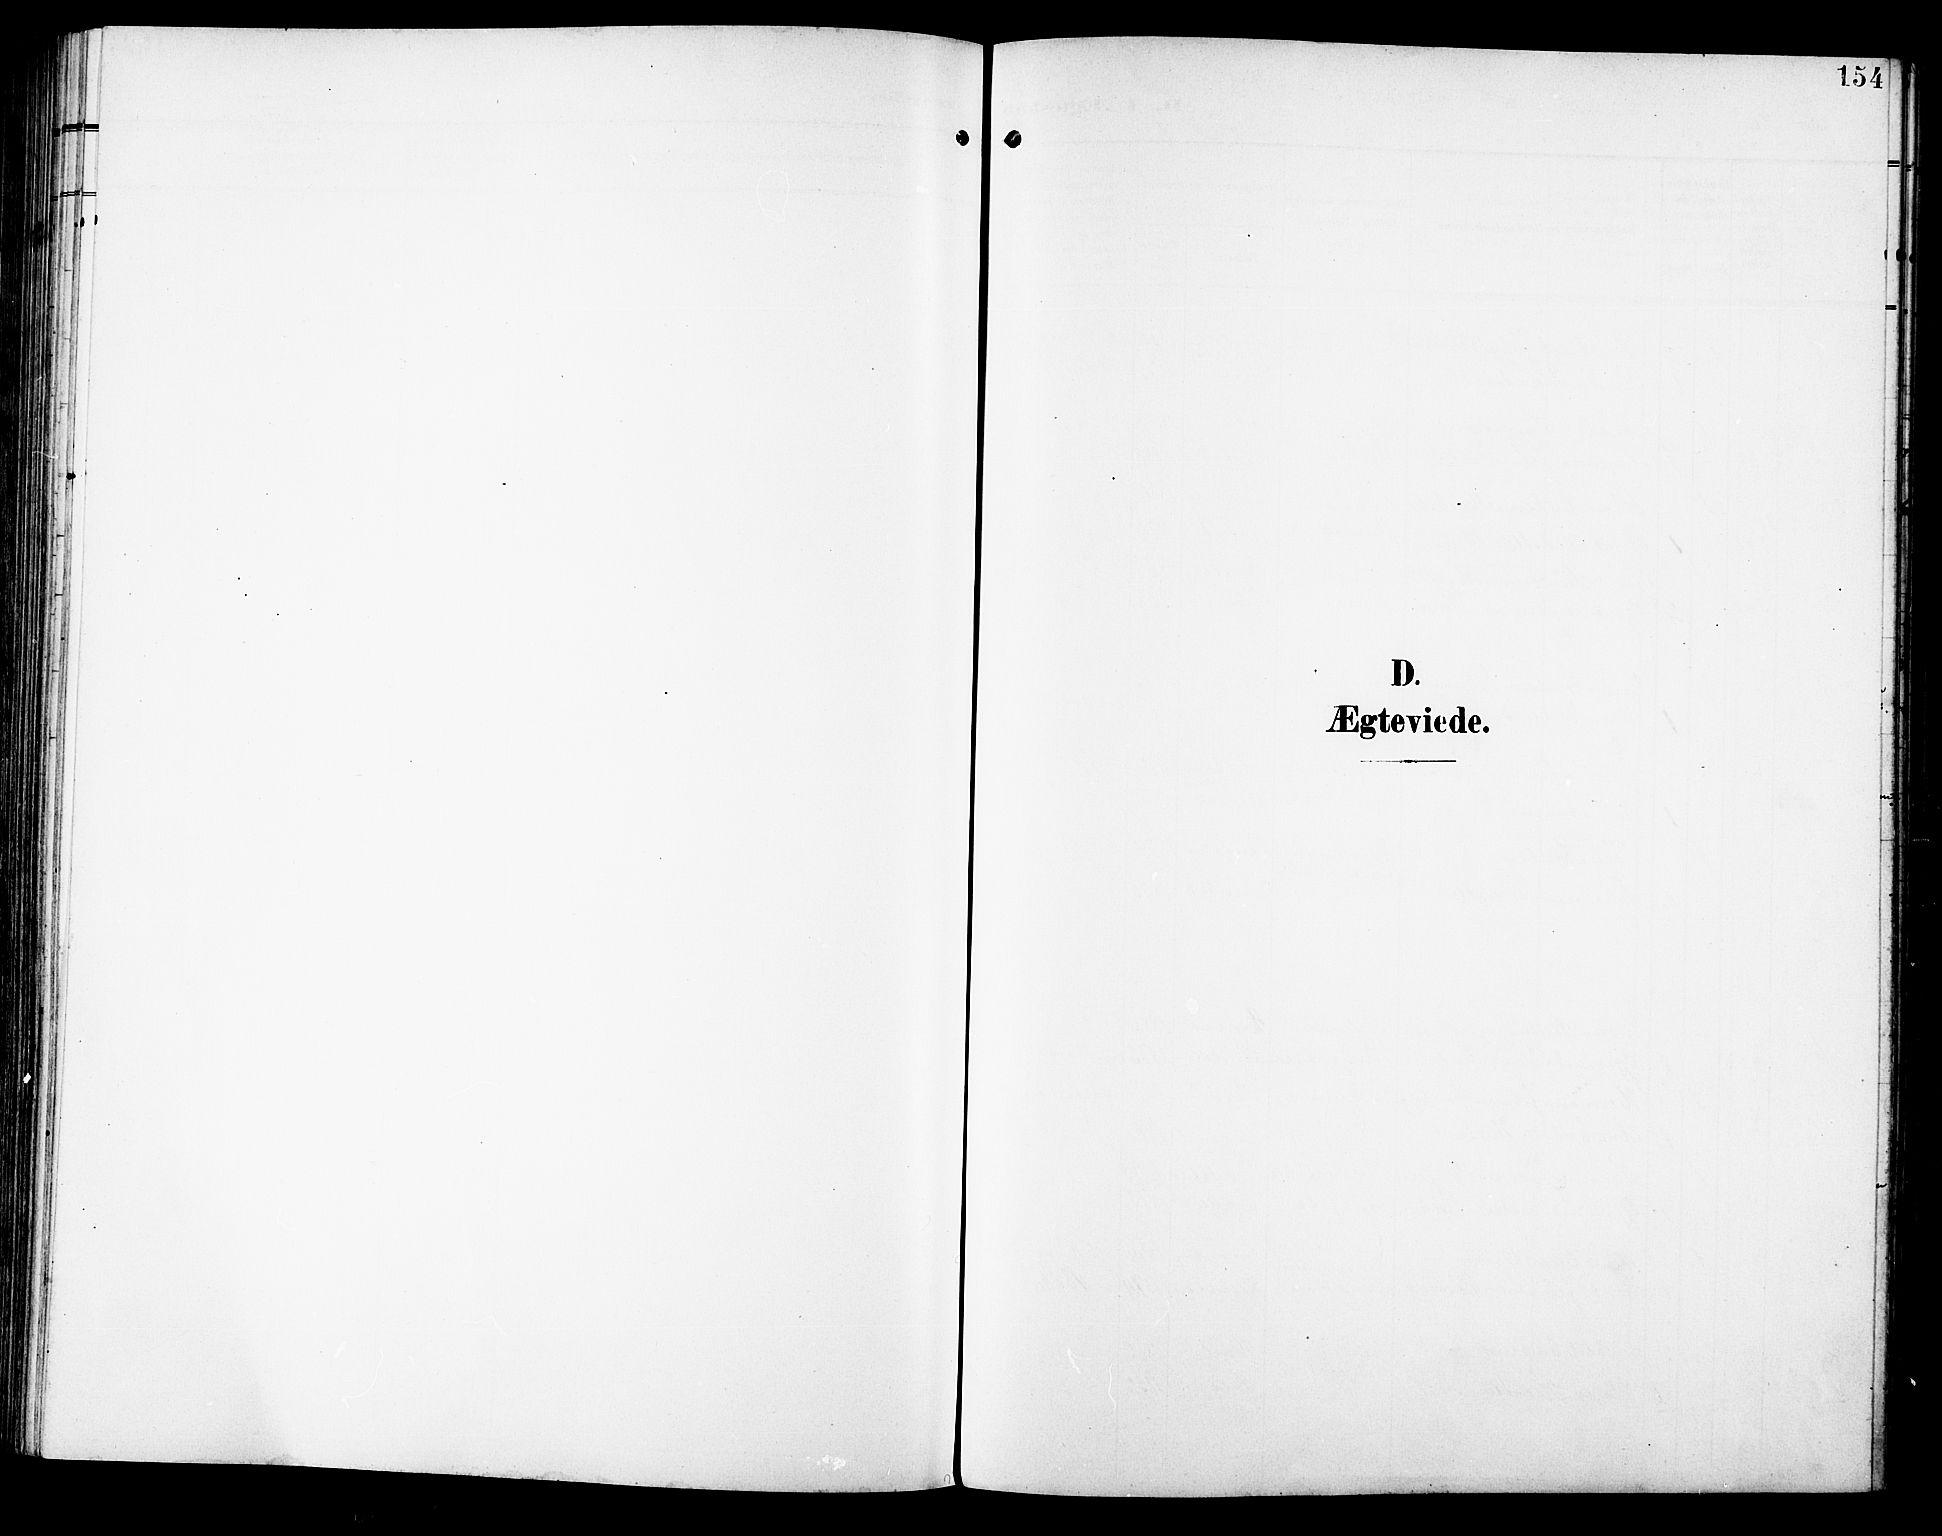 SAT, Ministerialprotokoller, klokkerbøker og fødselsregistre - Sør-Trøndelag, 672/L0864: Klokkerbok nr. 672C03, 1902-1914, s. 154